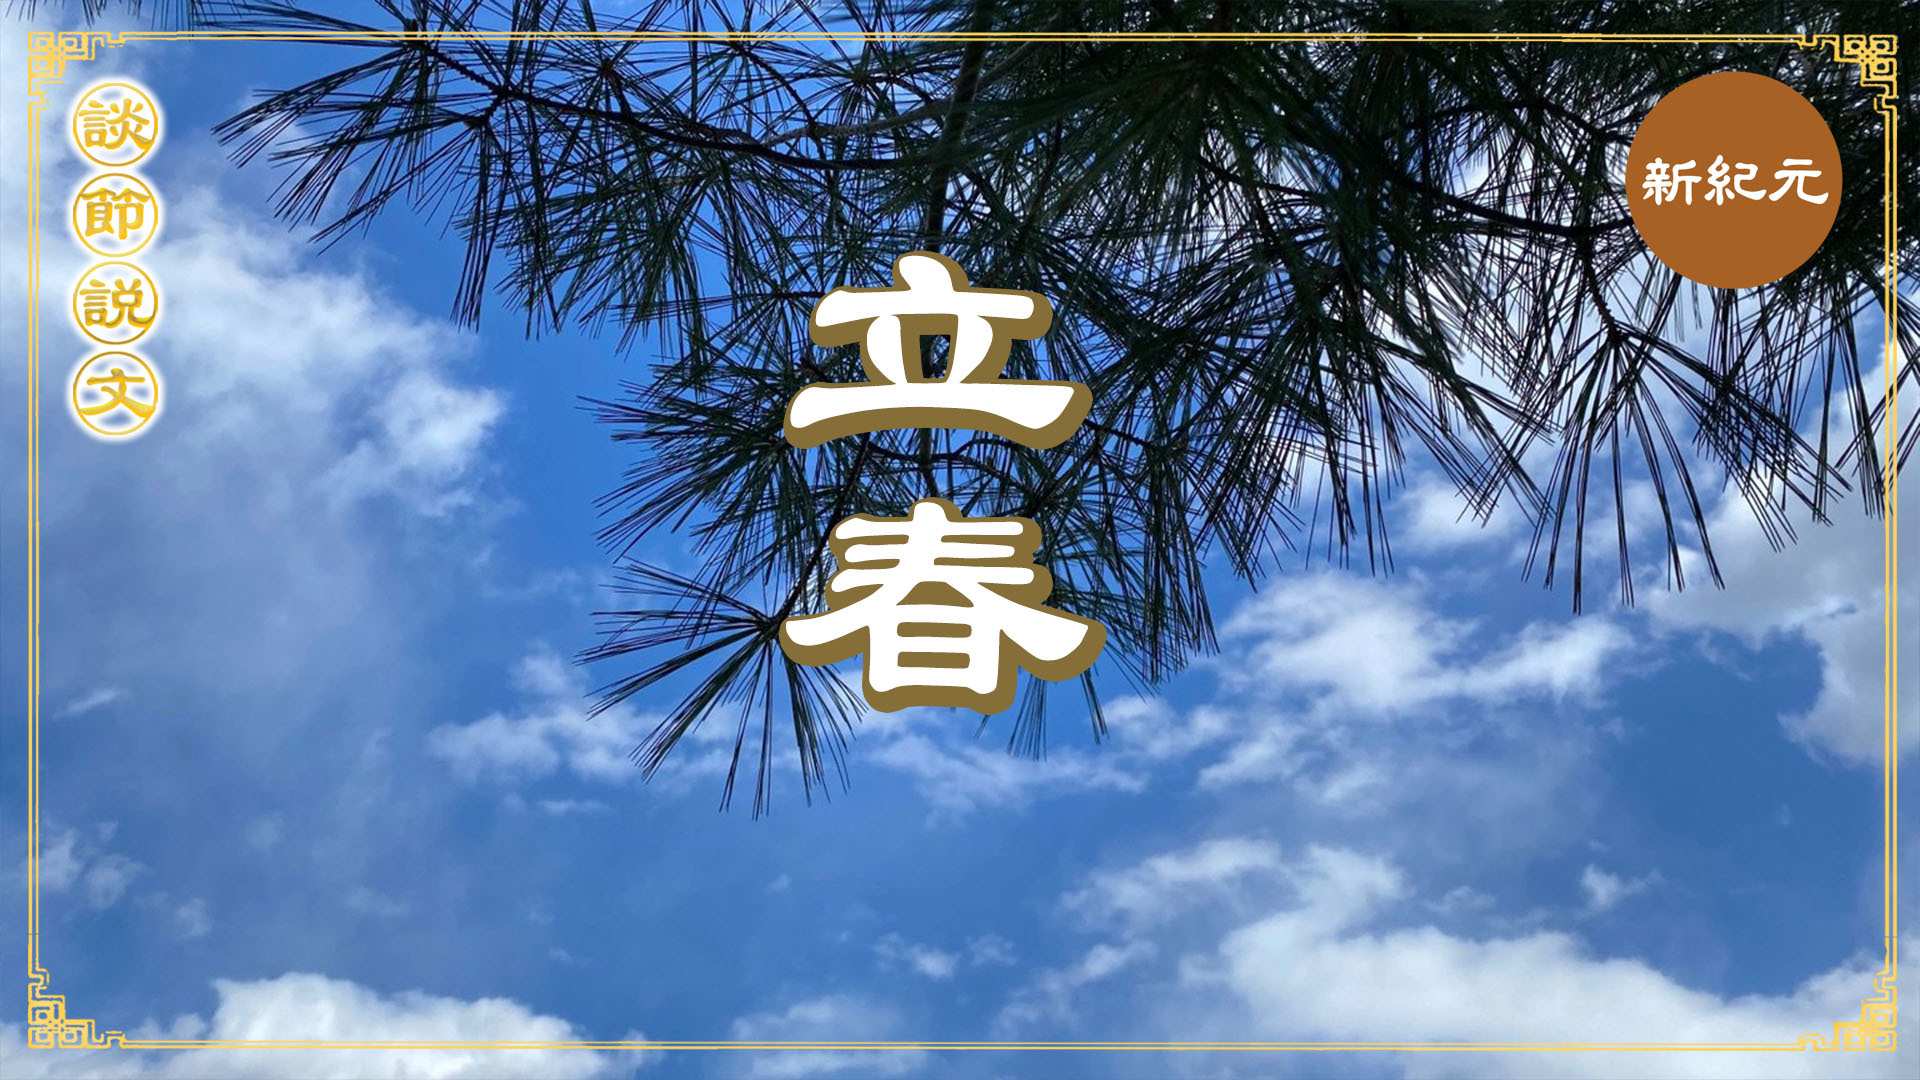 《談節說文》立春:川普開啓美好新旅程(第三十六集)|#新紀元